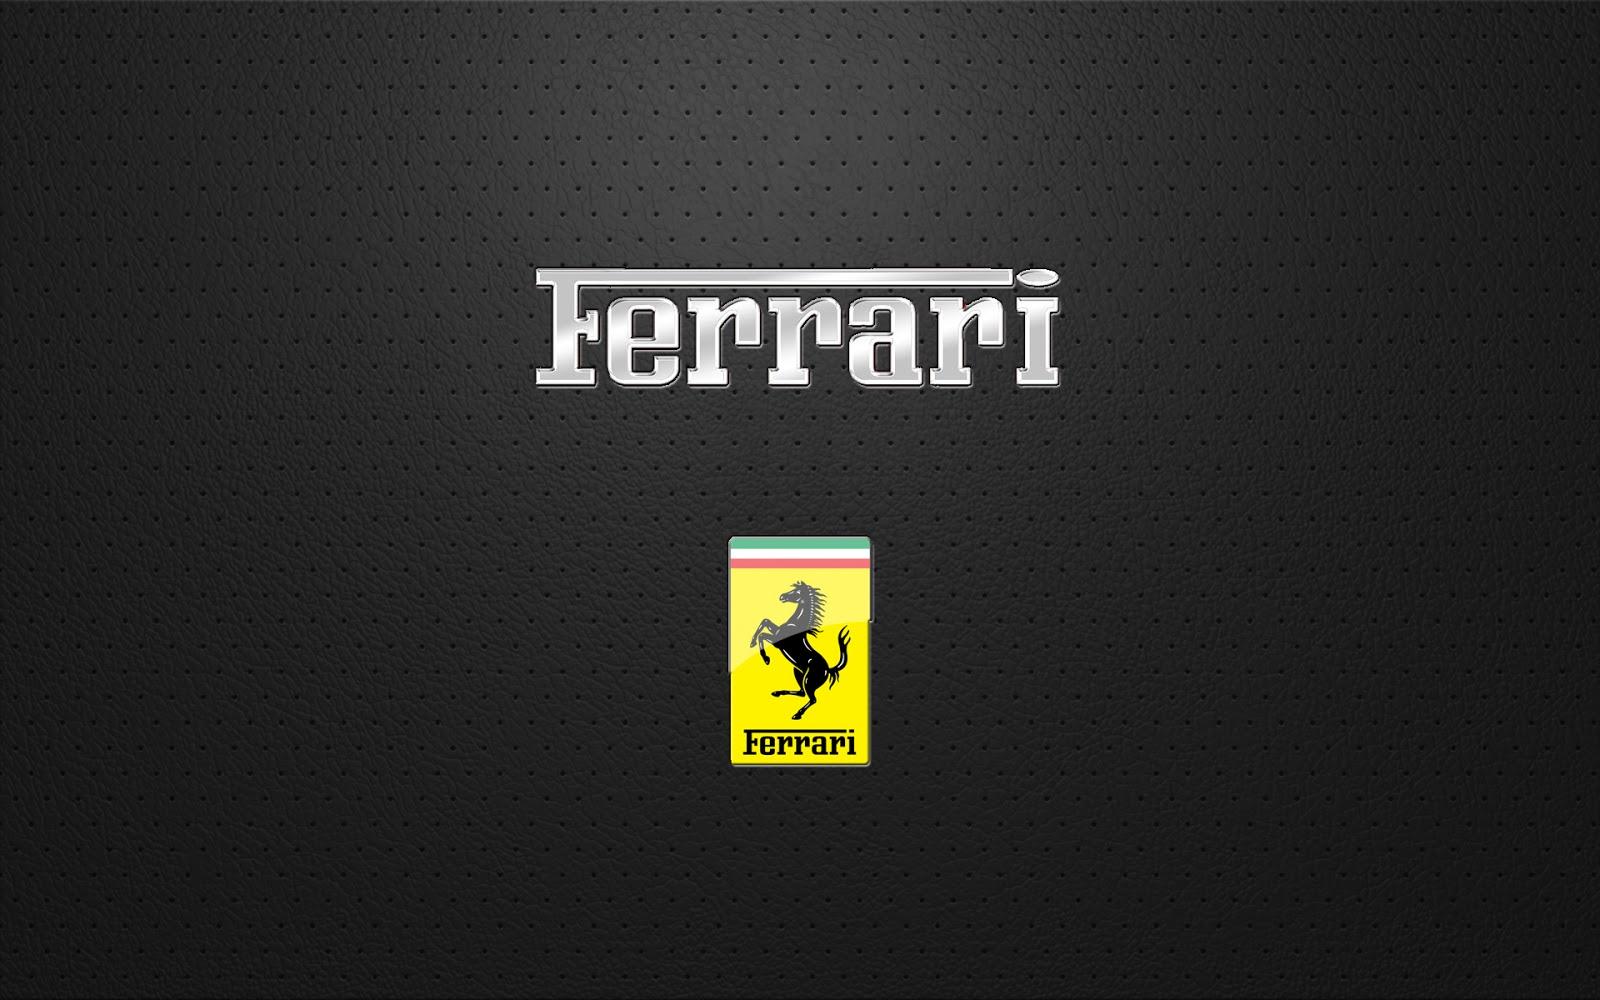 Ferrari-symbol